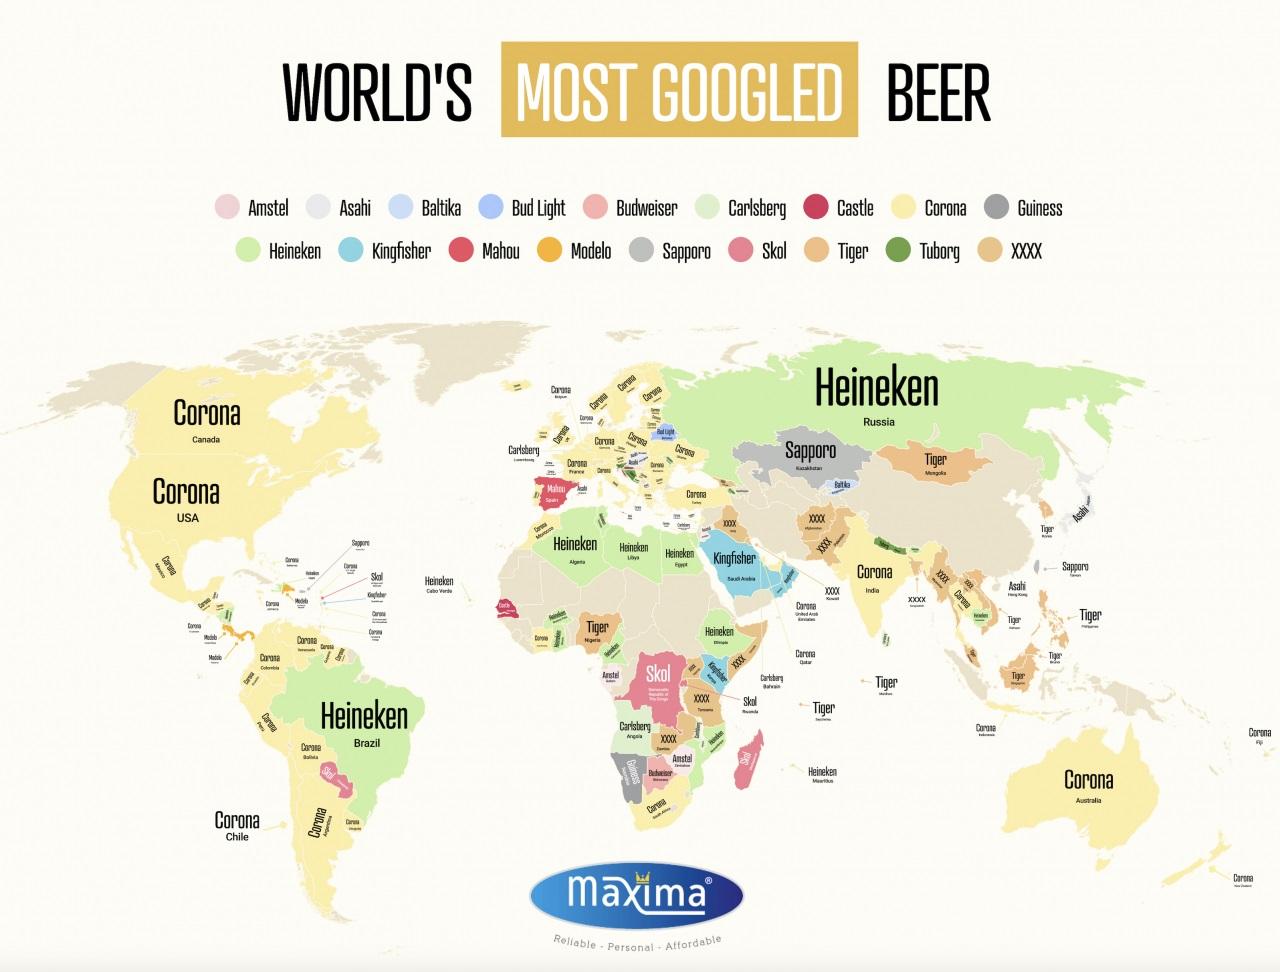 карта пива